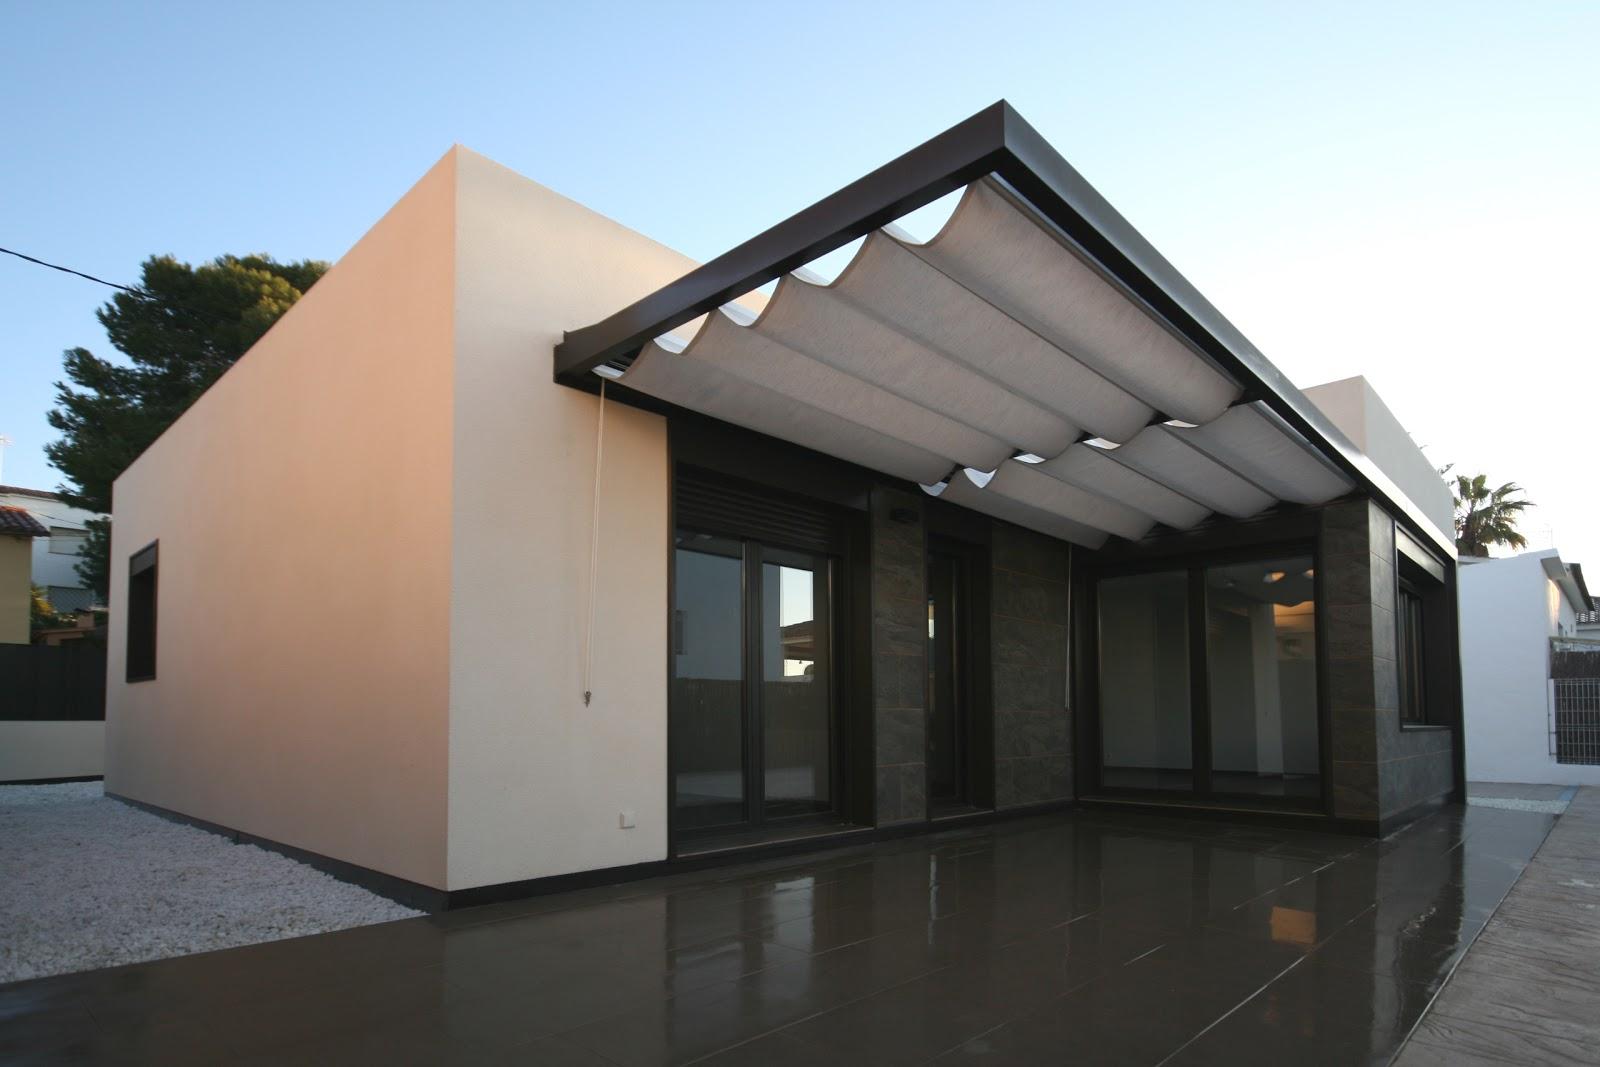 Casas modulares blochouse casas modulares blochouse for Casas prefabricadas de diseno minimalista